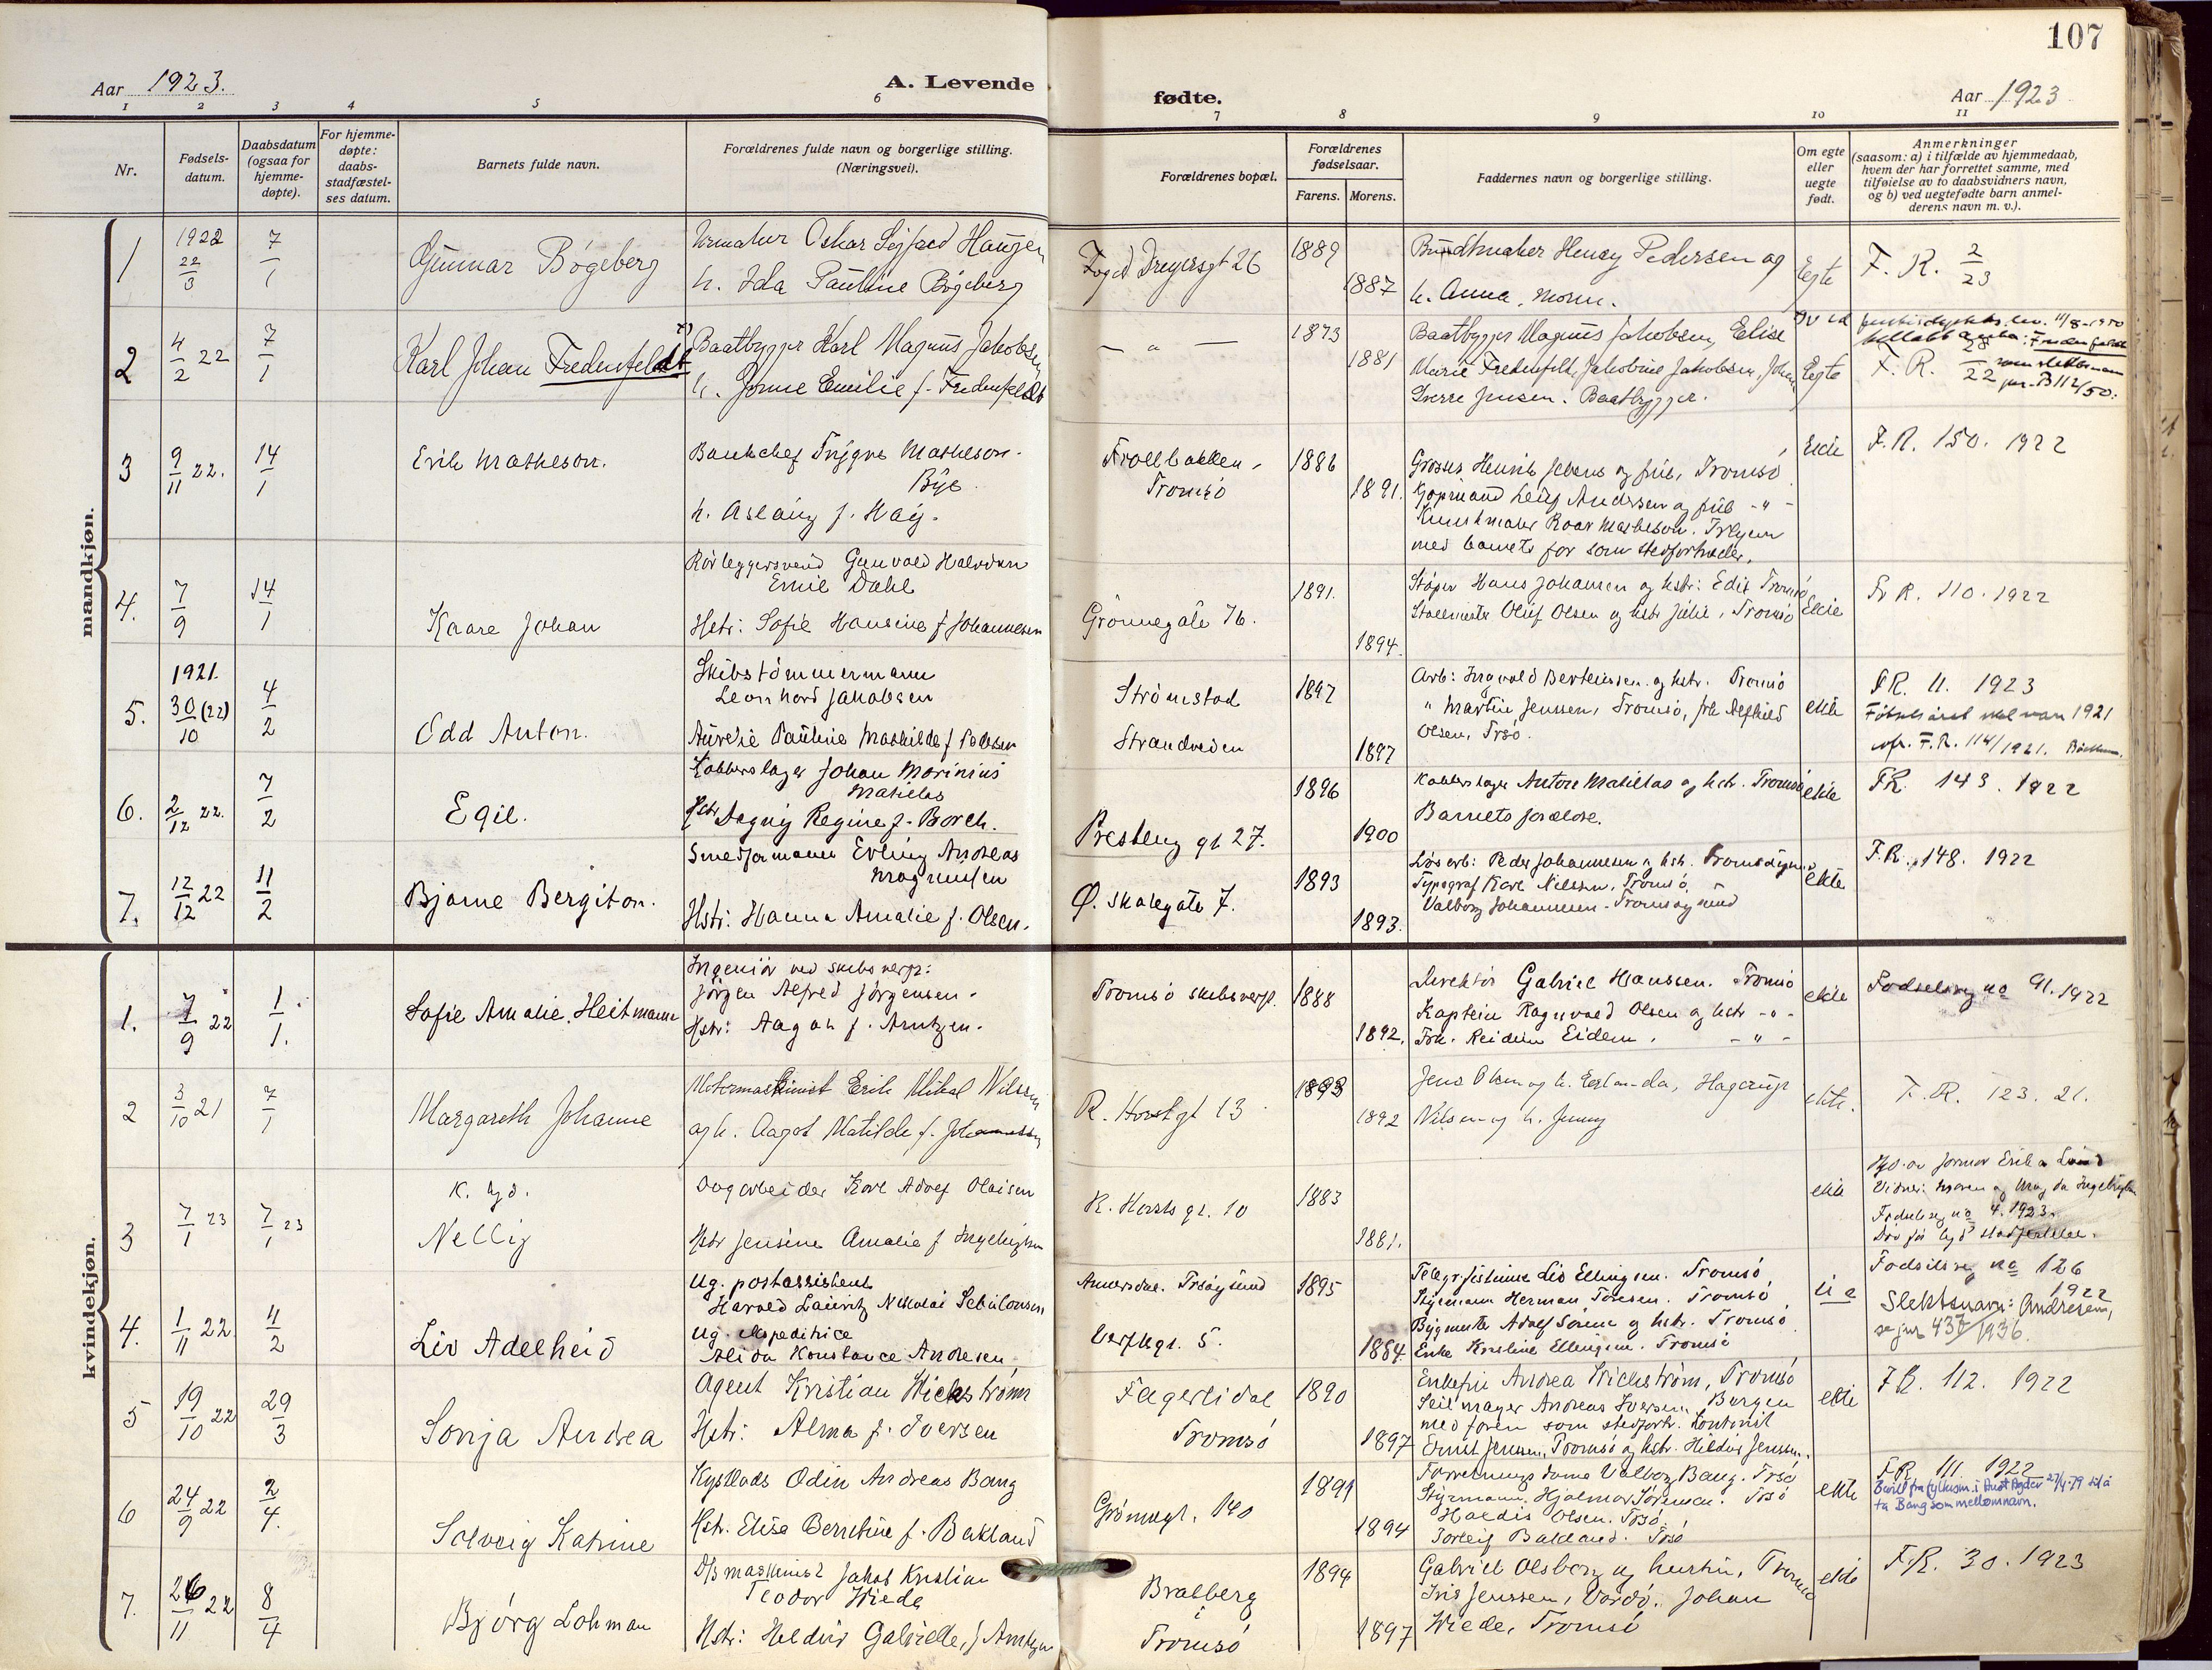 SATØ, Tromsø sokneprestkontor/stiftsprosti/domprosti, G/Ga/L0019kirke: Ministerialbok nr. 19, 1917-1927, s. 107